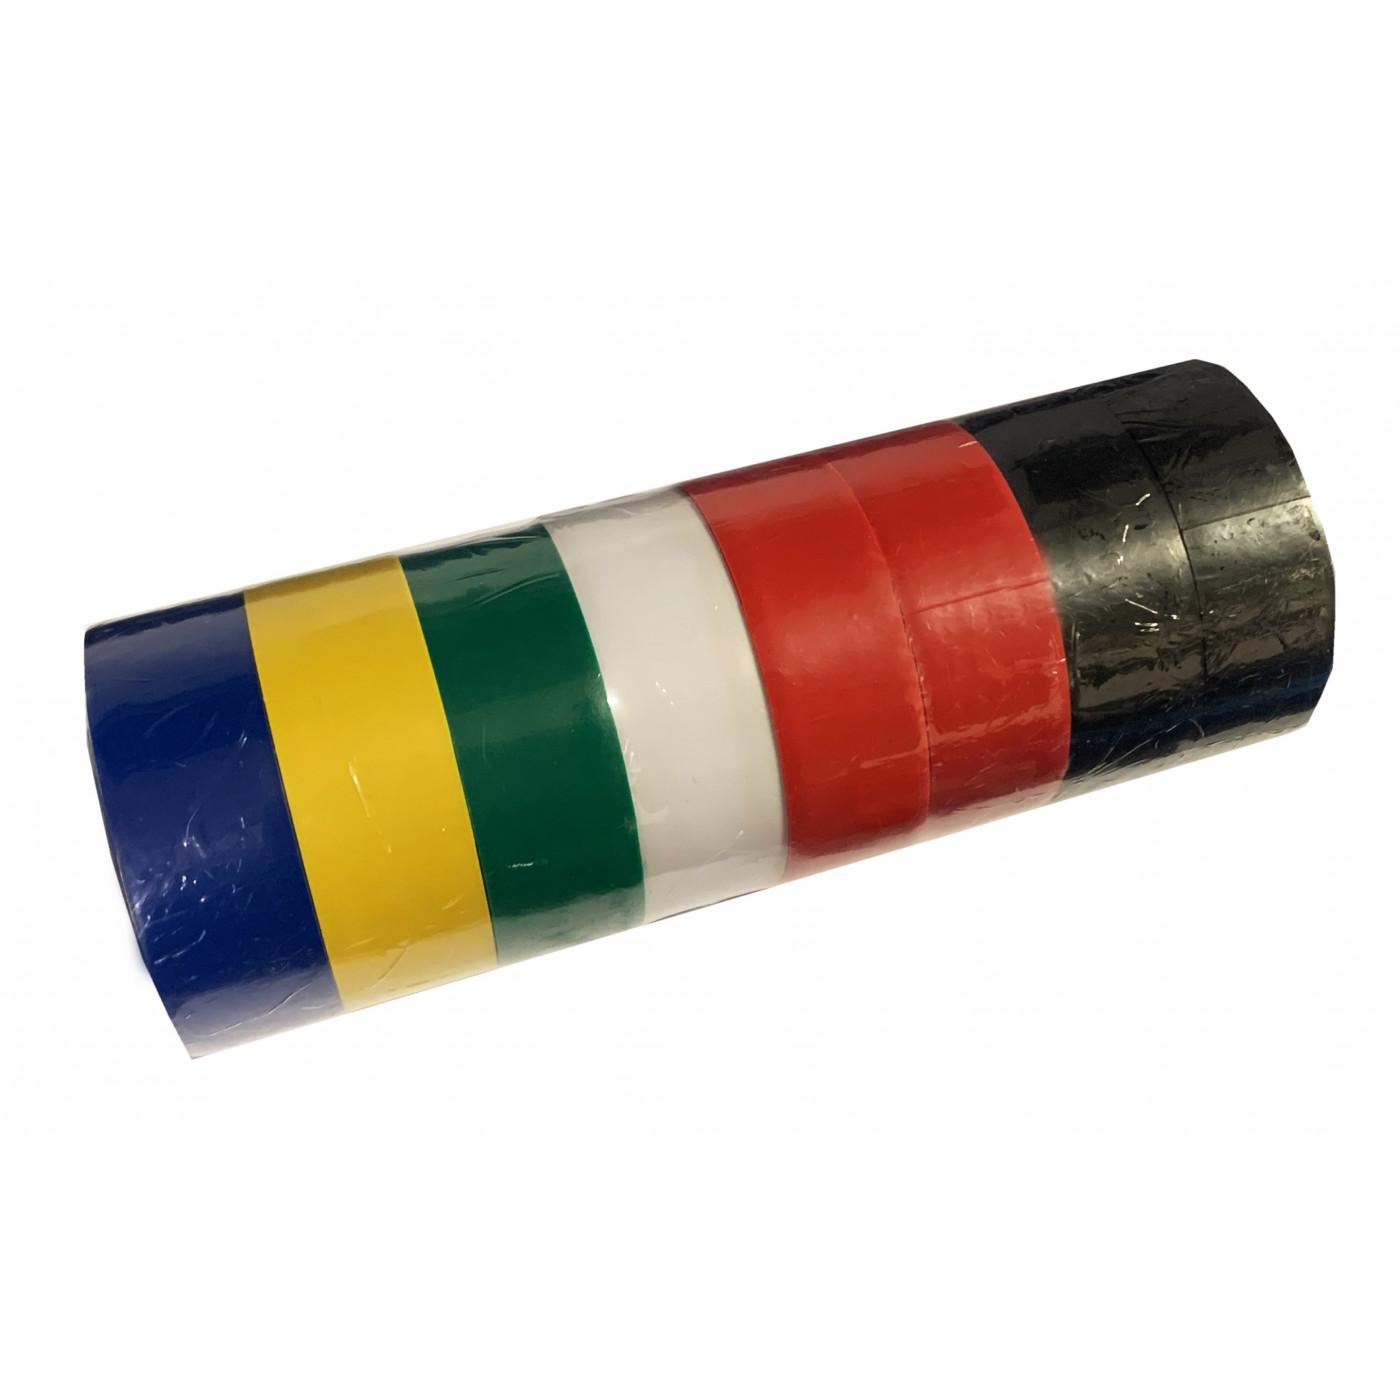 Lot de 8 rouleaux de ruban isolant (1,8 cm de large, 40 mètres